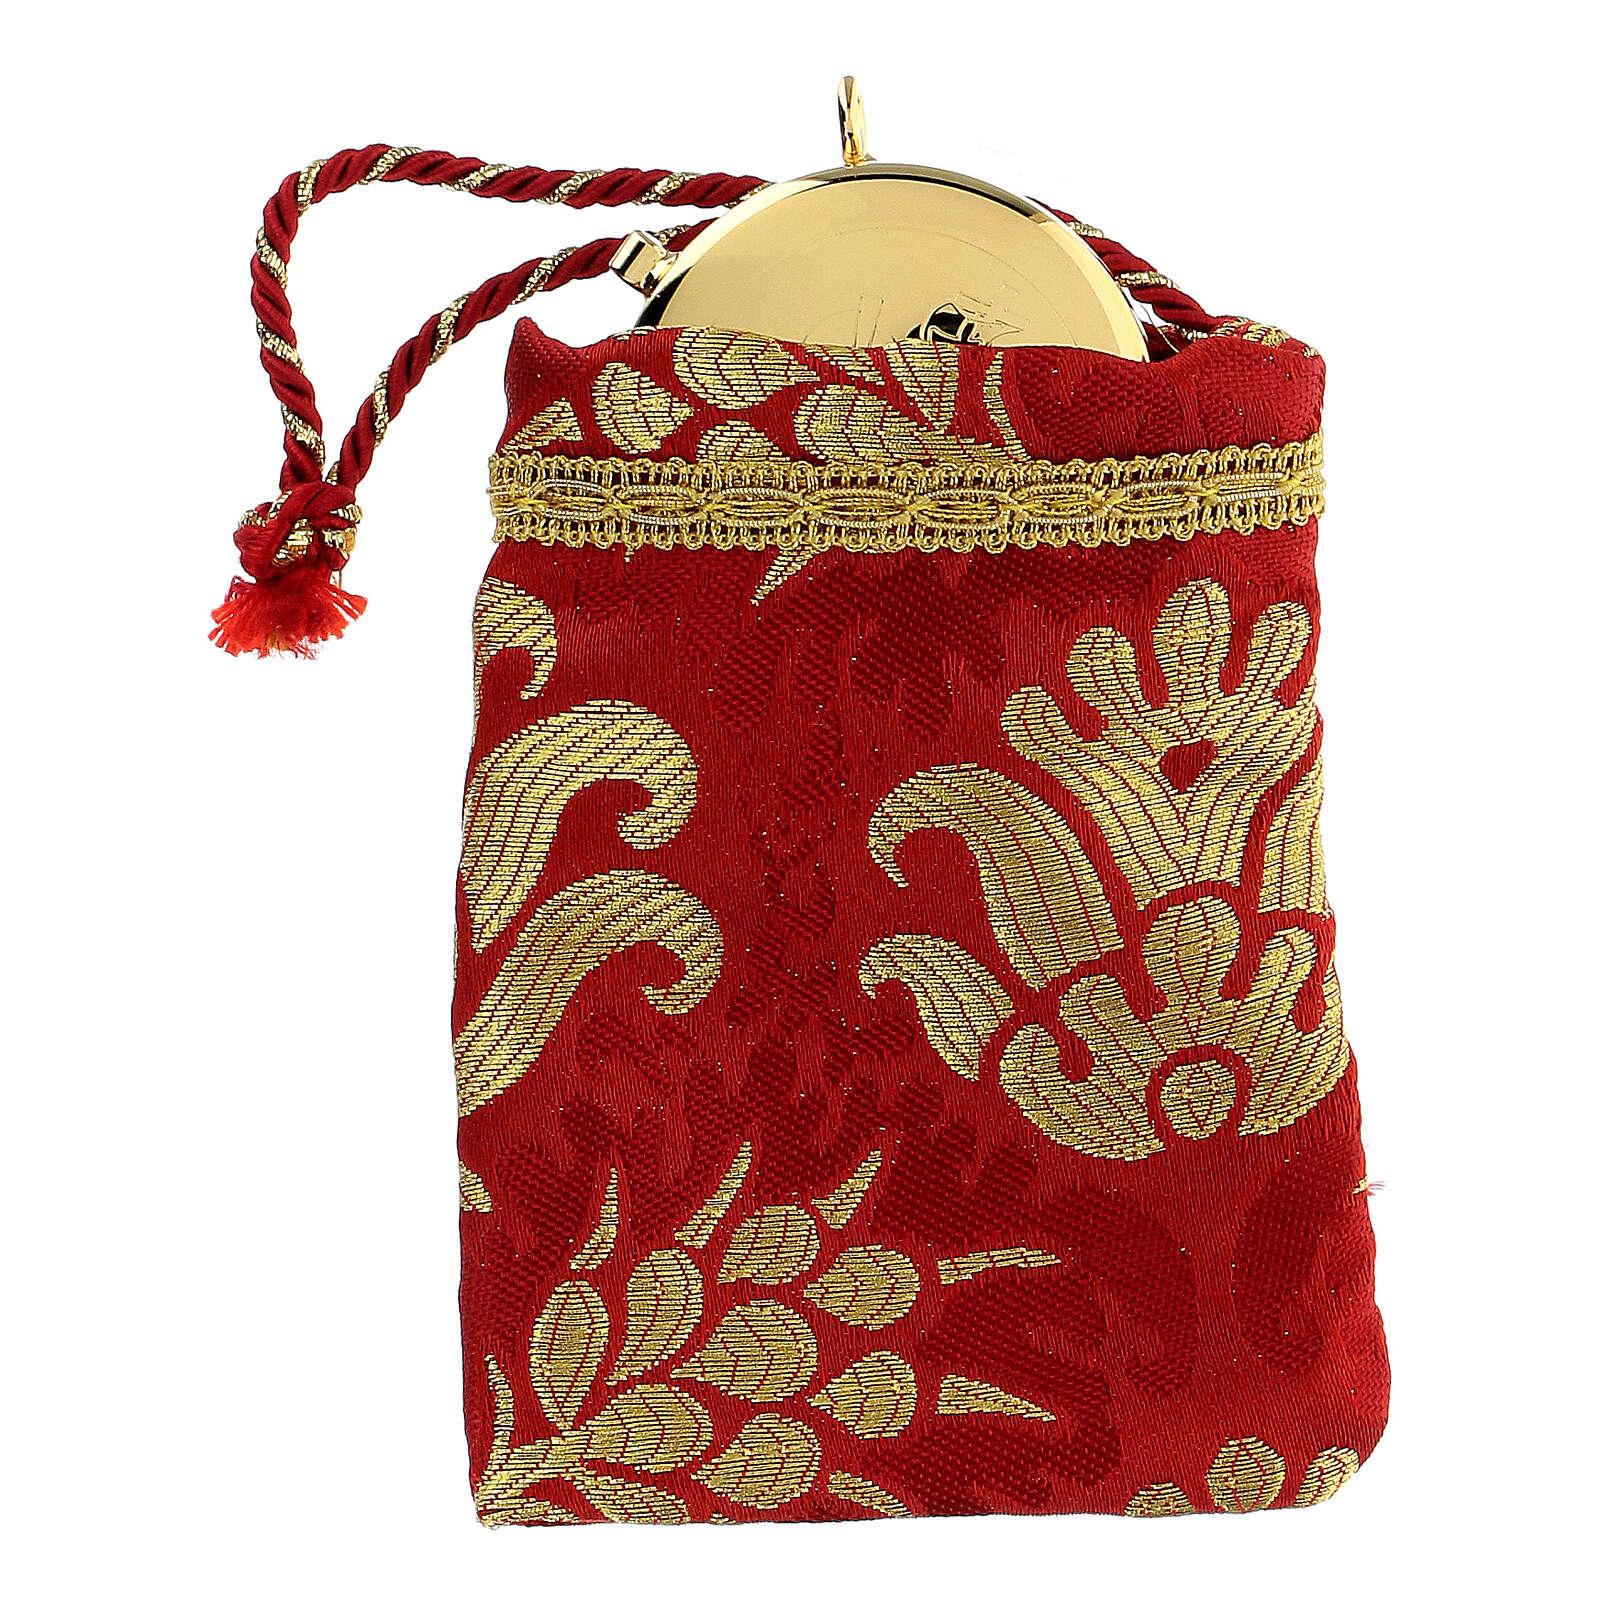 Sachet pour viatique rouge en tissu brocard custode 5 cm 3